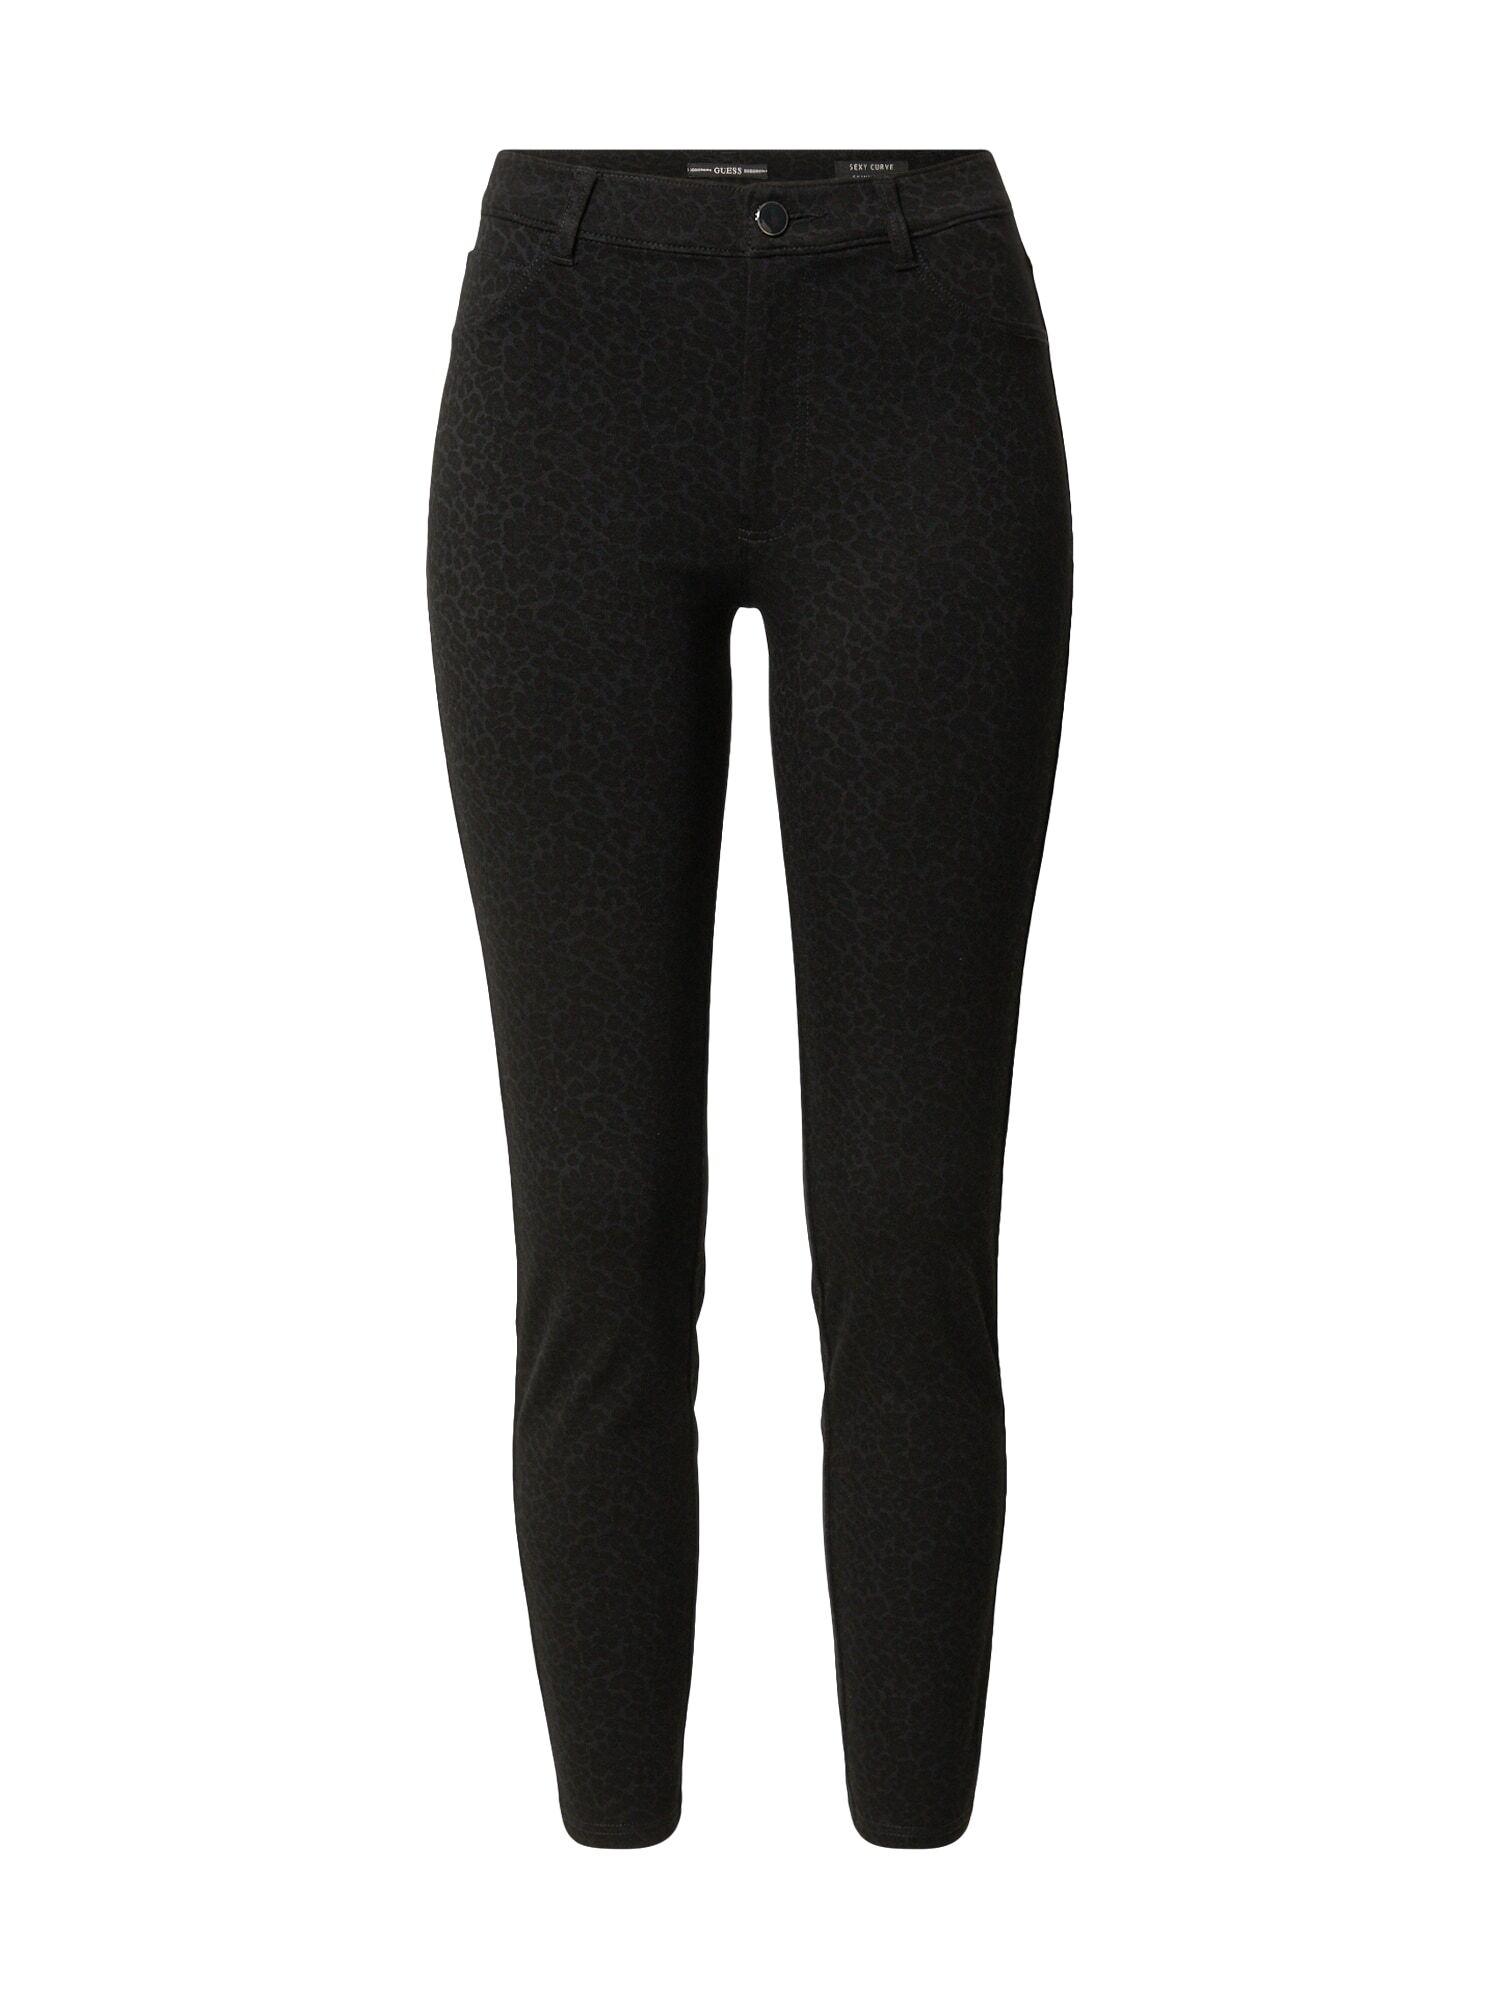 GUESS Pantalon 'SEXY CURVE'  - Noir - Taille: 26 - female